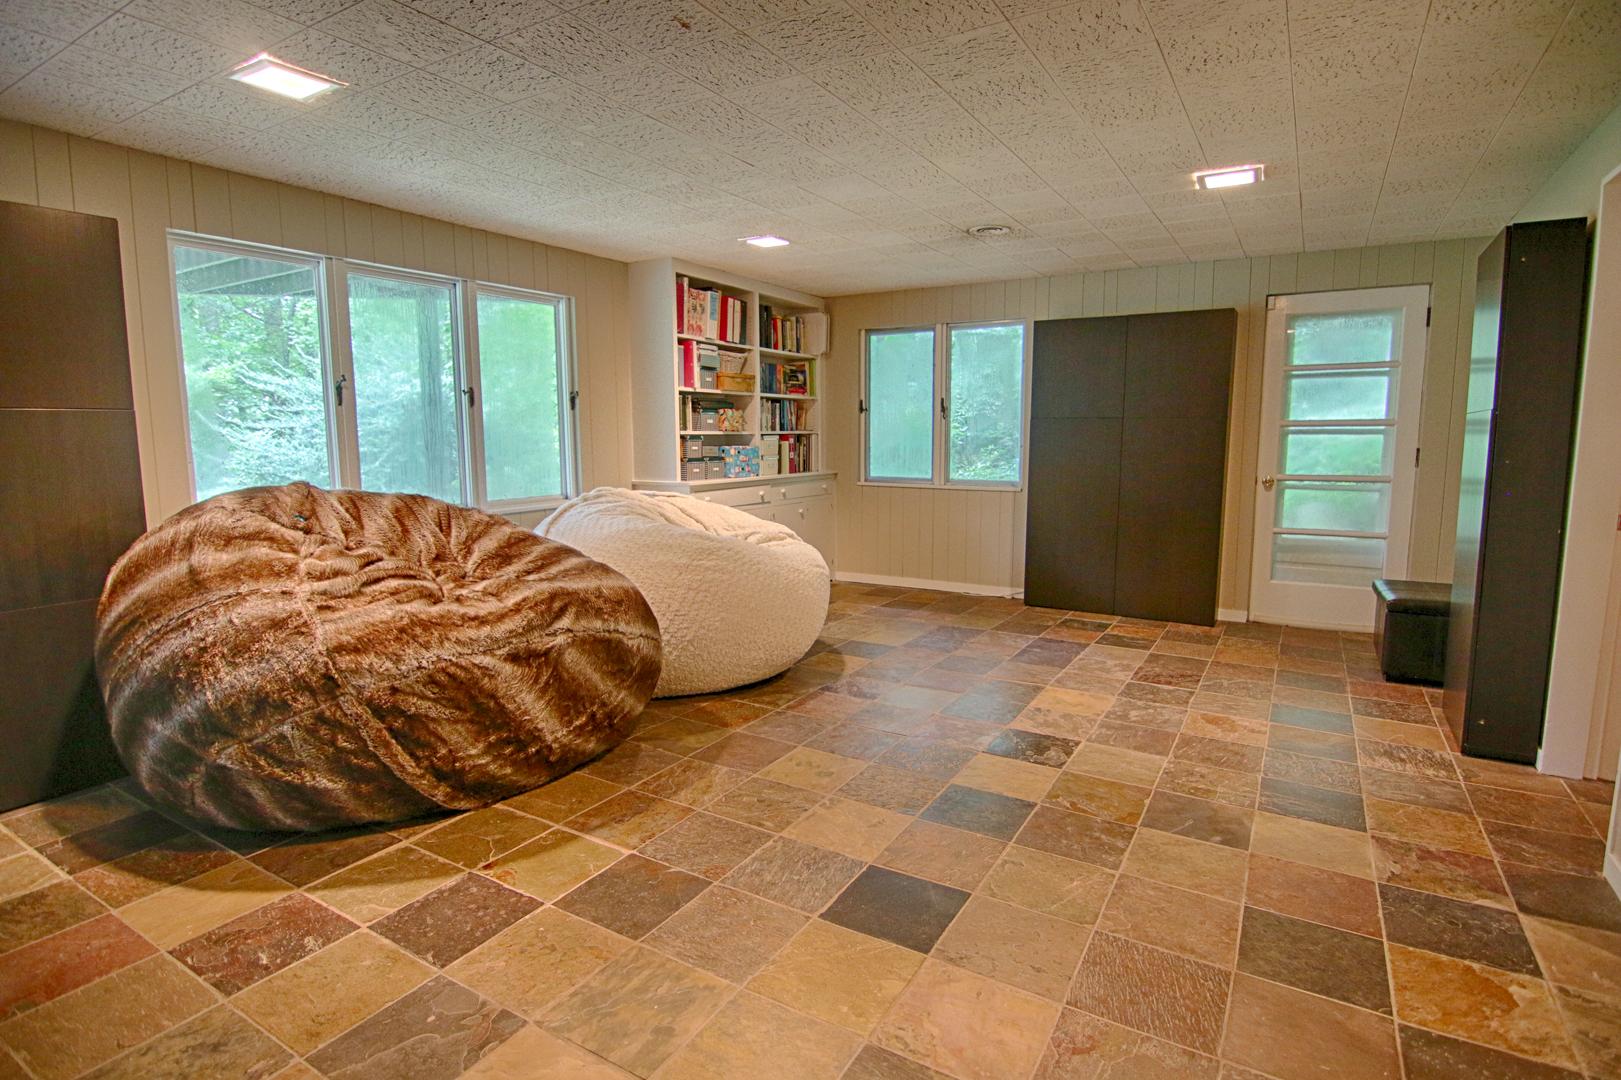 190 Mount Harmony Rd, Bernardsville NJ - Home for Sale | Feel At Home